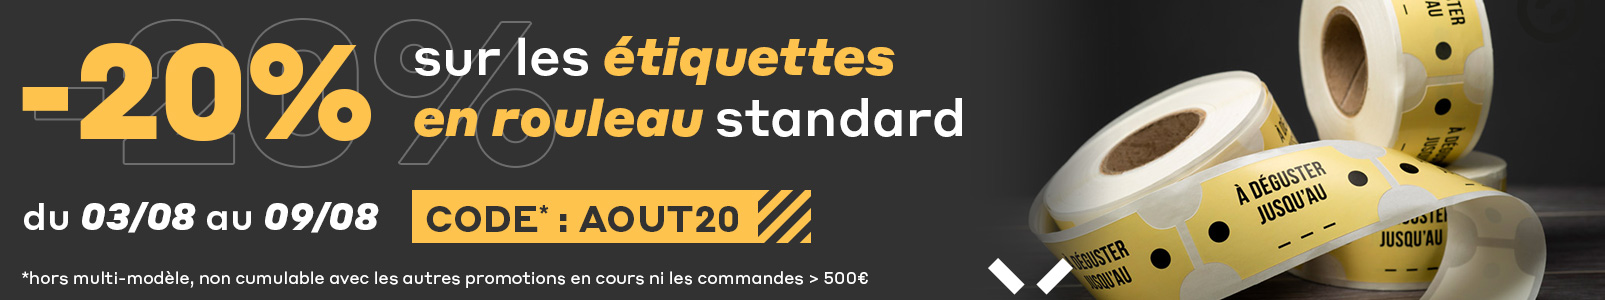 -20% sur les étiquettes en rouleau standard sur exaprint.fr